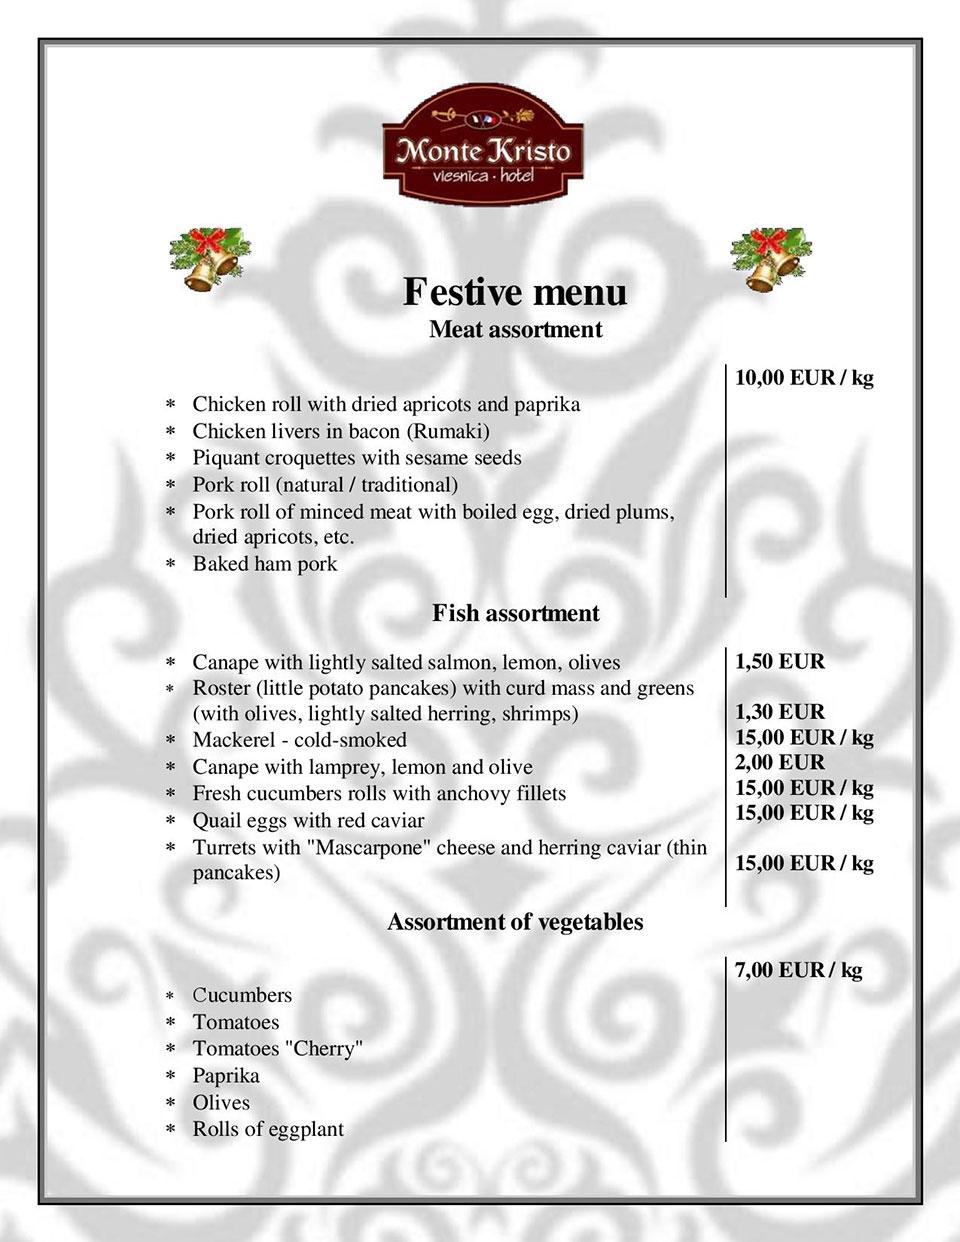 Monte Kristo Restaurant Menu